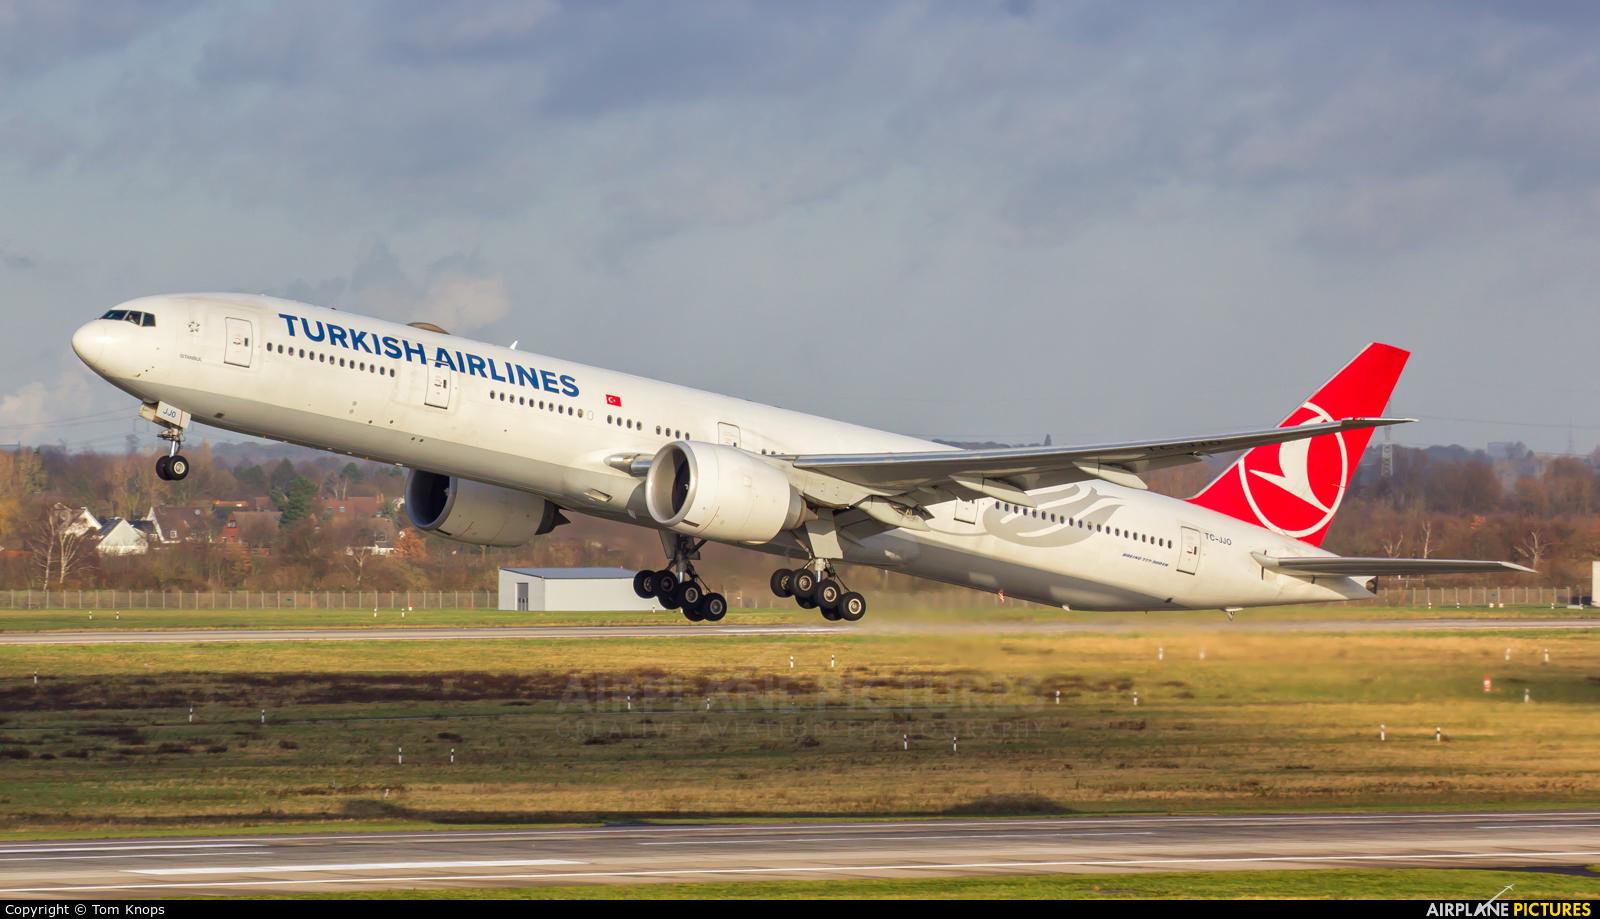 Turkish Airlines TC-JJO aircraft at Düsseldorf